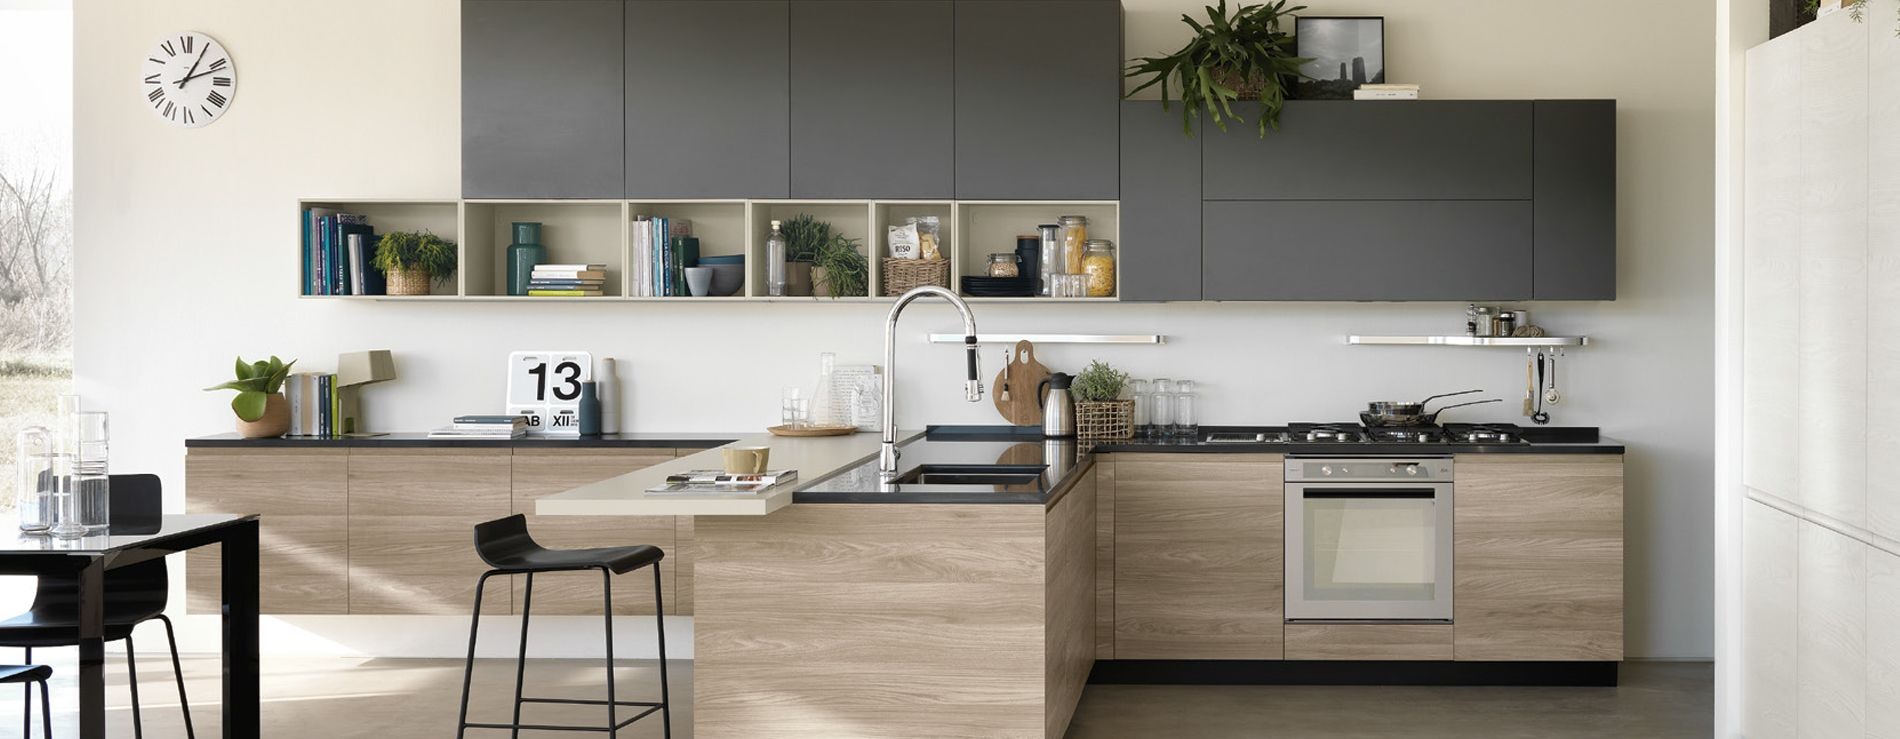 Cucina scavolini motus un perfetto esempio di design - Progettazione cucina on line ...